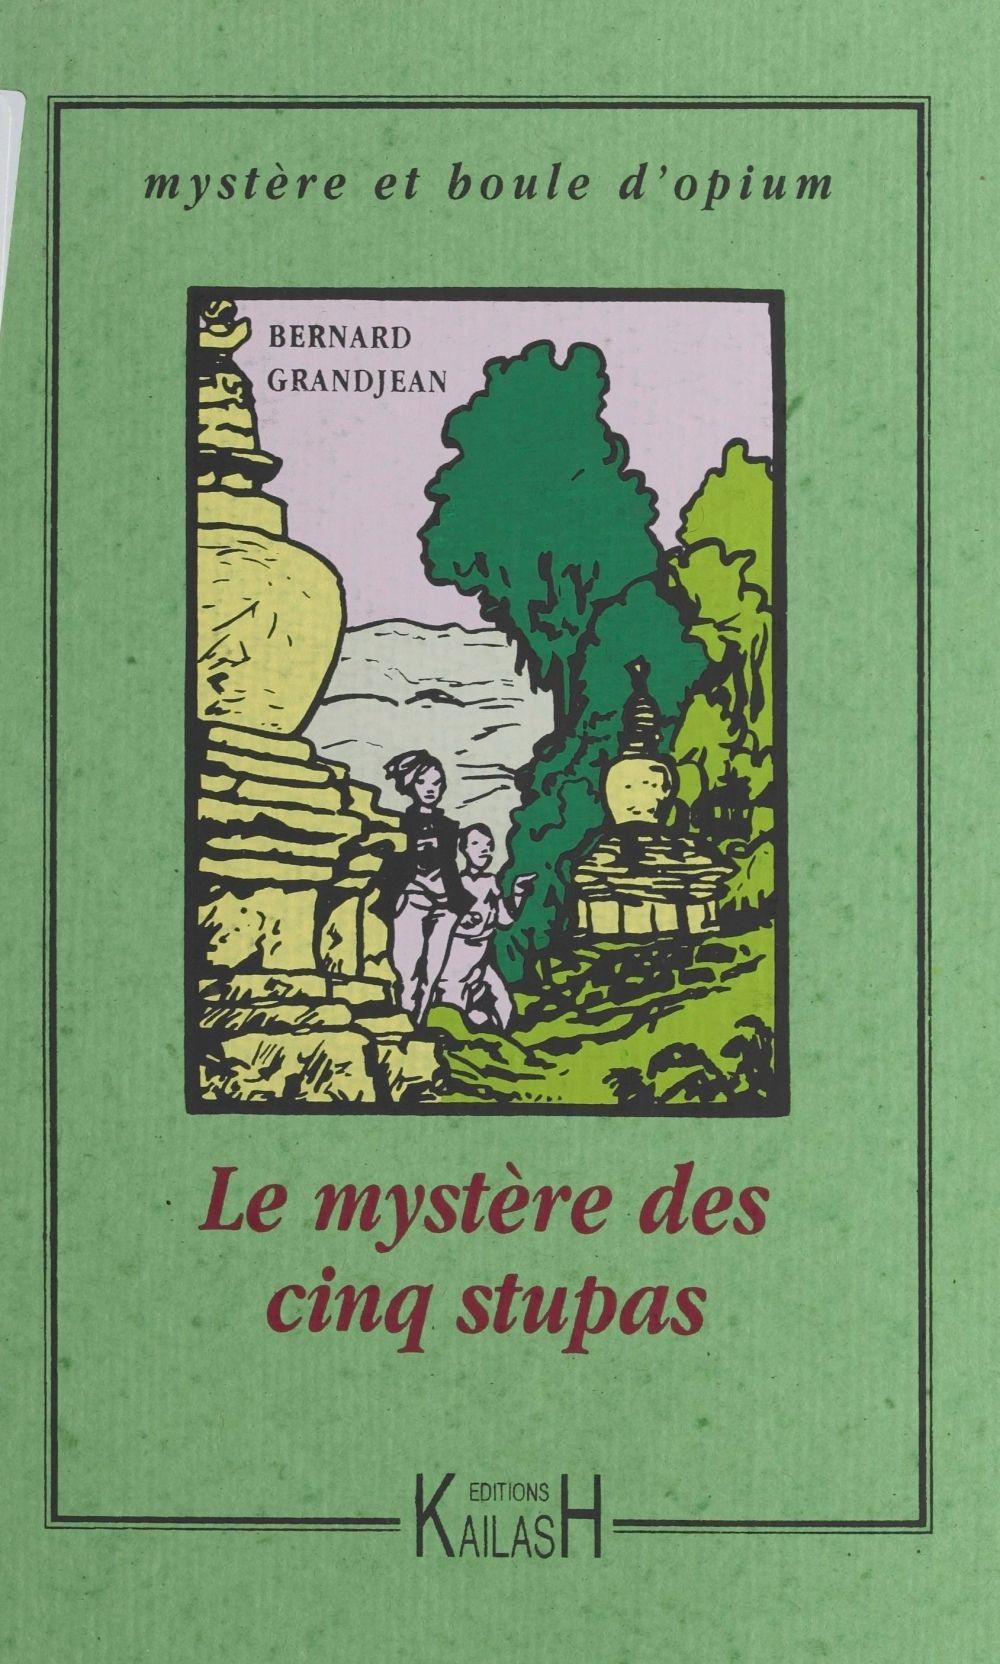 Le mystere des cinq stupas